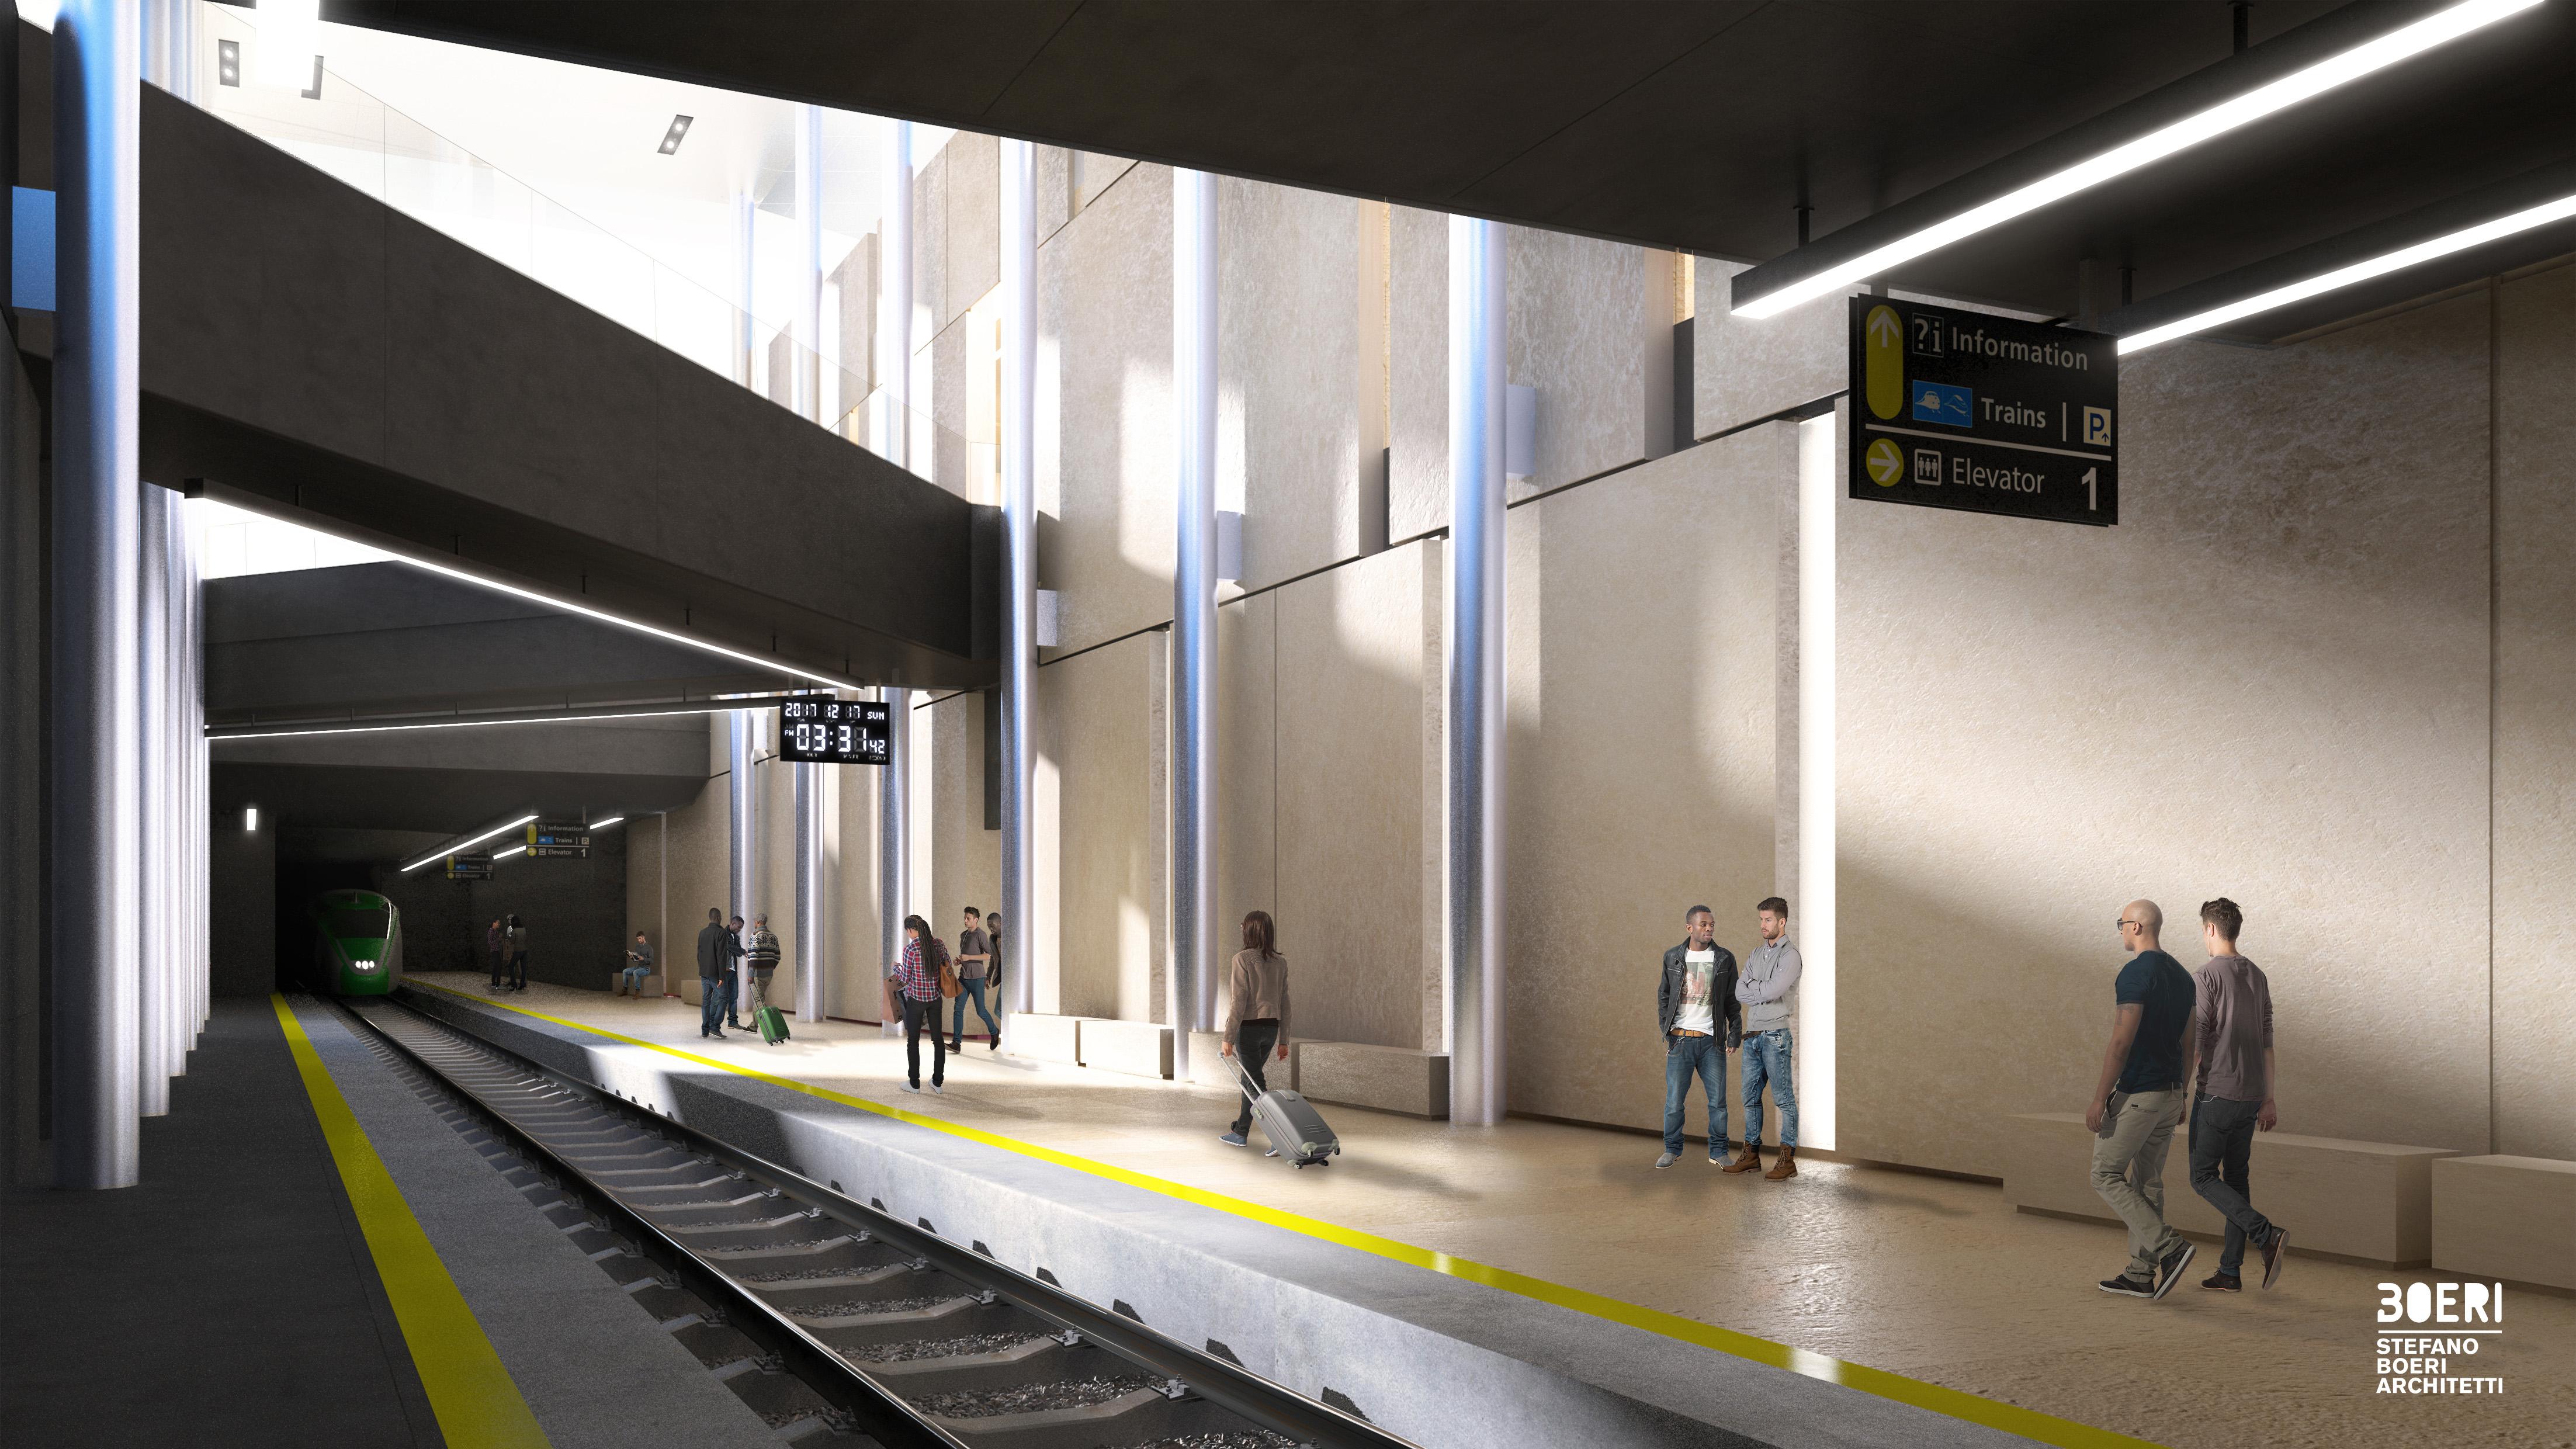 Il tunnel ferroviario ipogeo, completamente rinnovato, sarà aperto verso il cielo grazie ad una grande apertura nel solaio di copertura della galleria interrata © Stefano Boeri Architetti